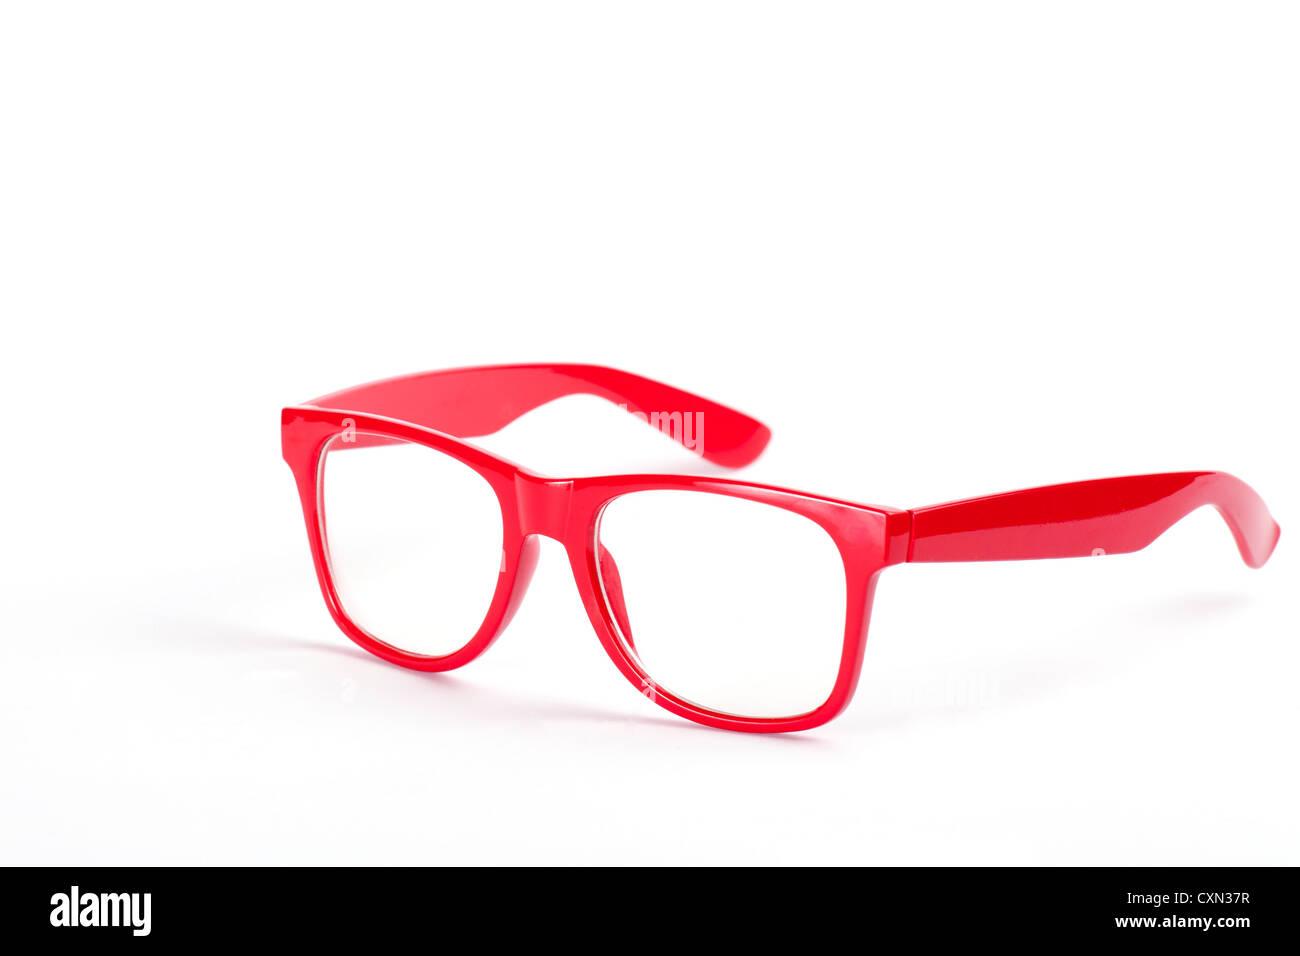 d78fb5fb0e Montura De Gafas Imágenes De Stock & Montura De Gafas Fotos De Stock ...